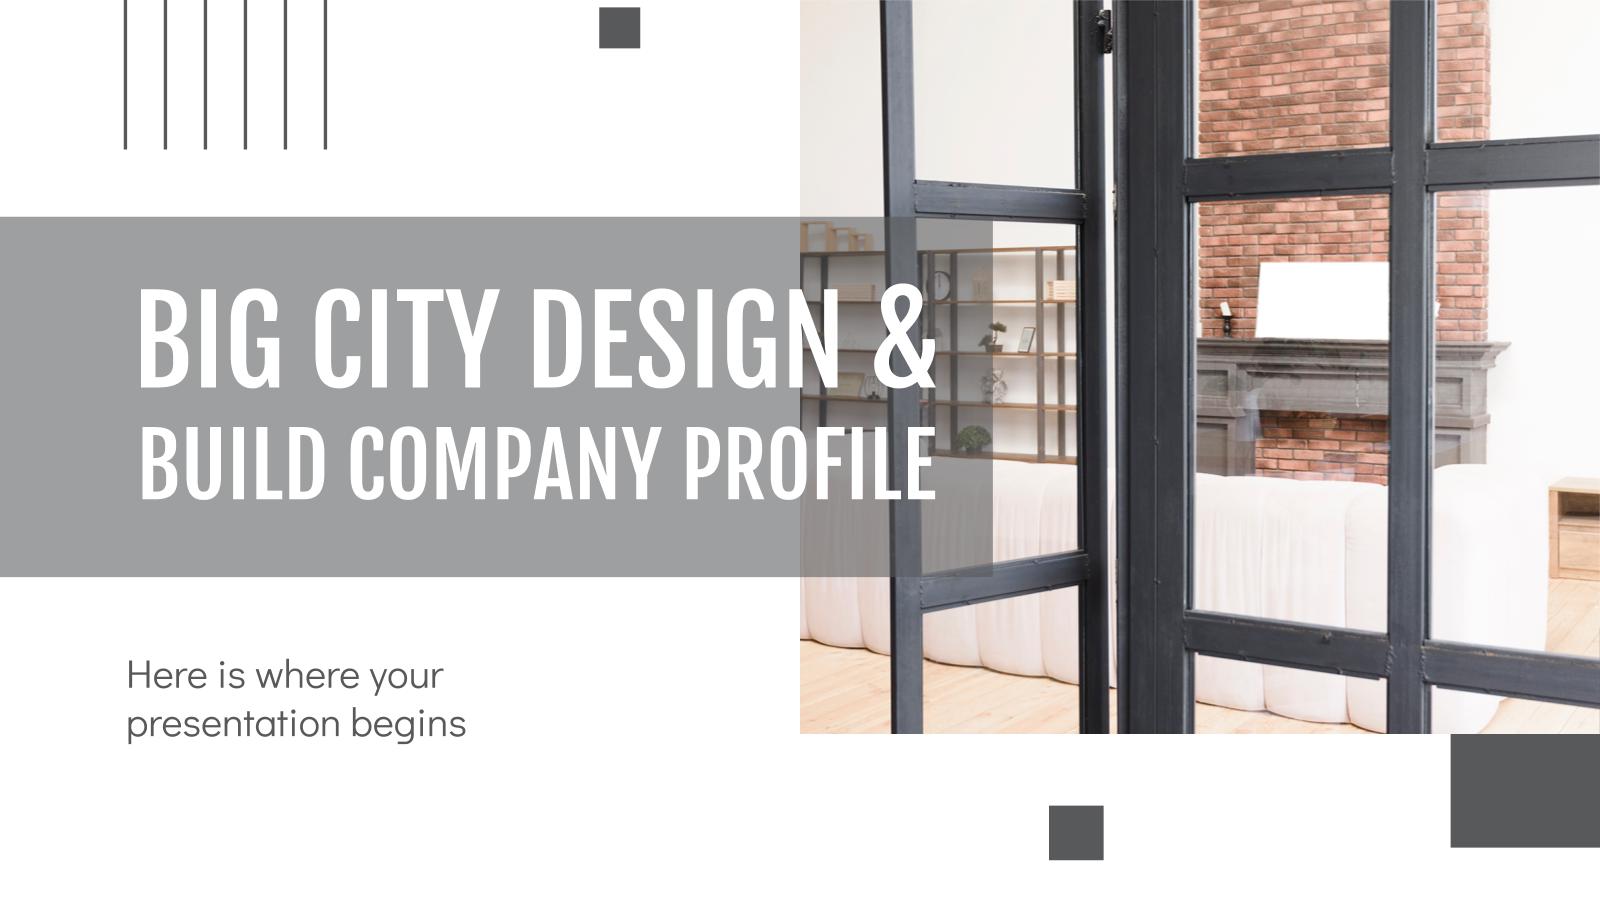 Modelo de apresentação Perfil da empresa Big City Design & Build